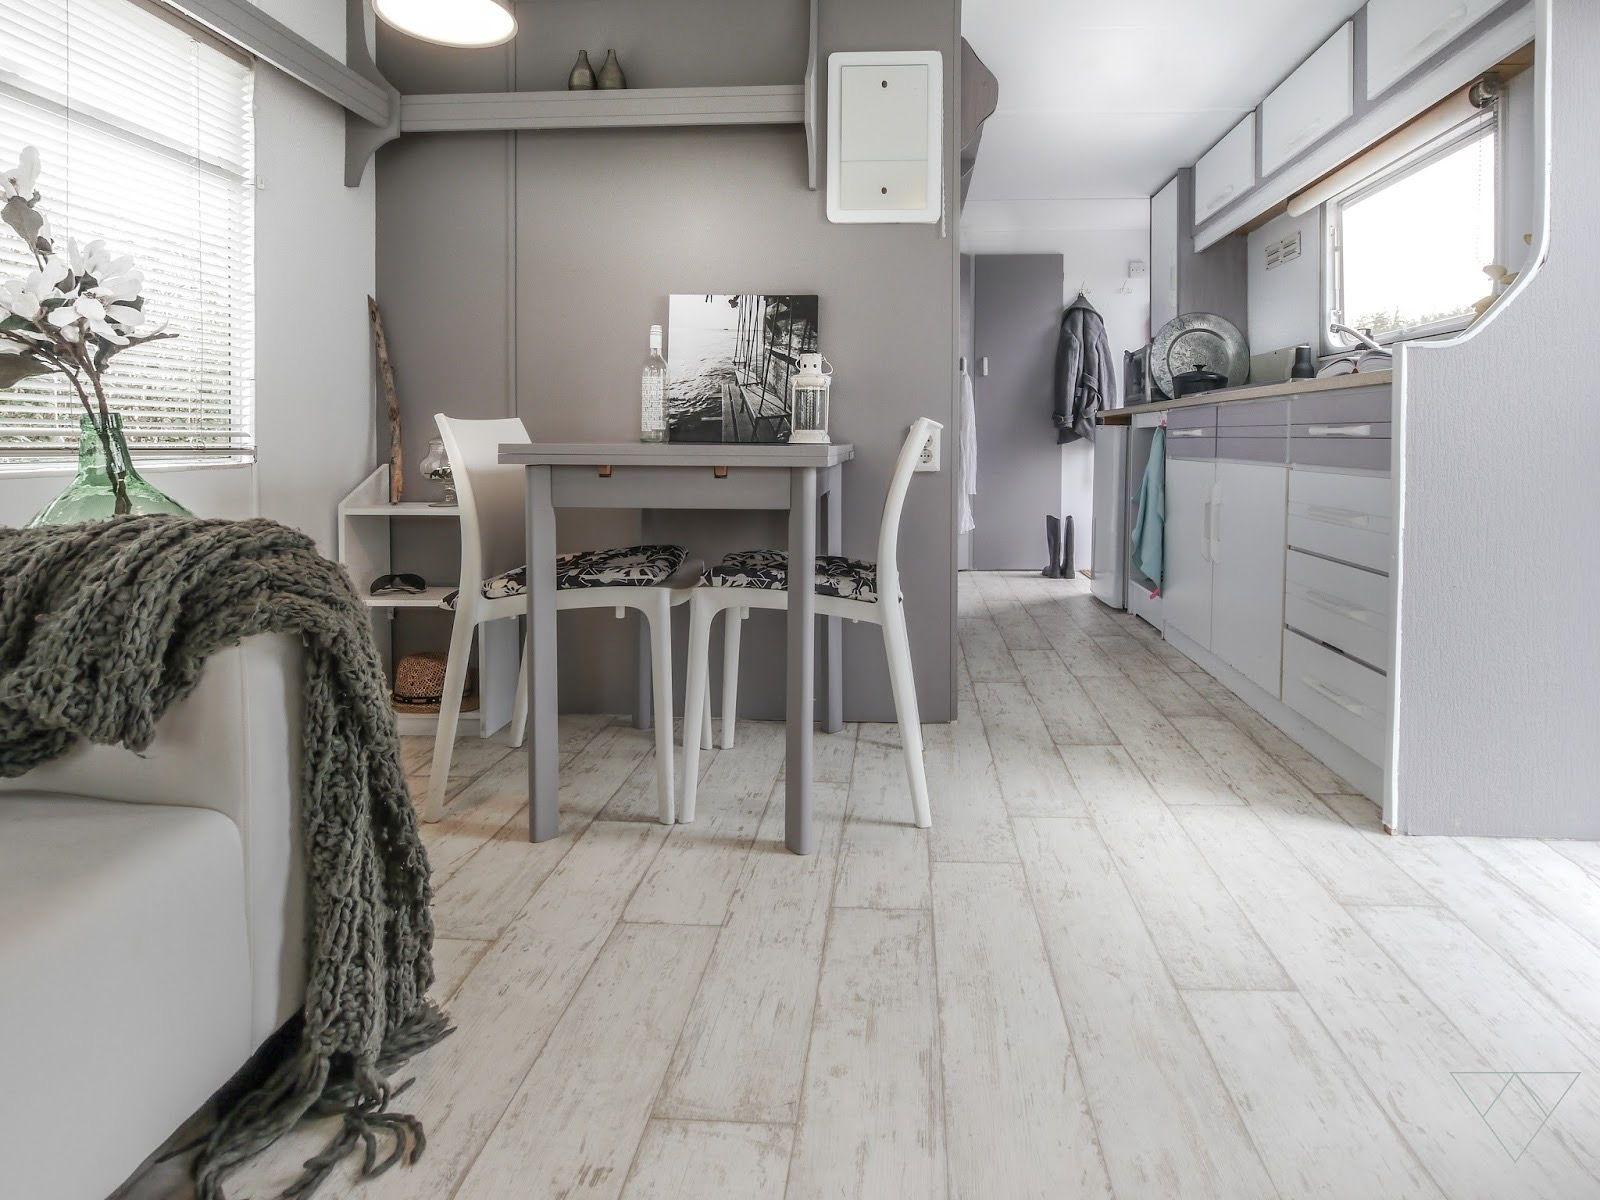 Witte laminaat of vinyl vloer studi in 2019 caravan caravan